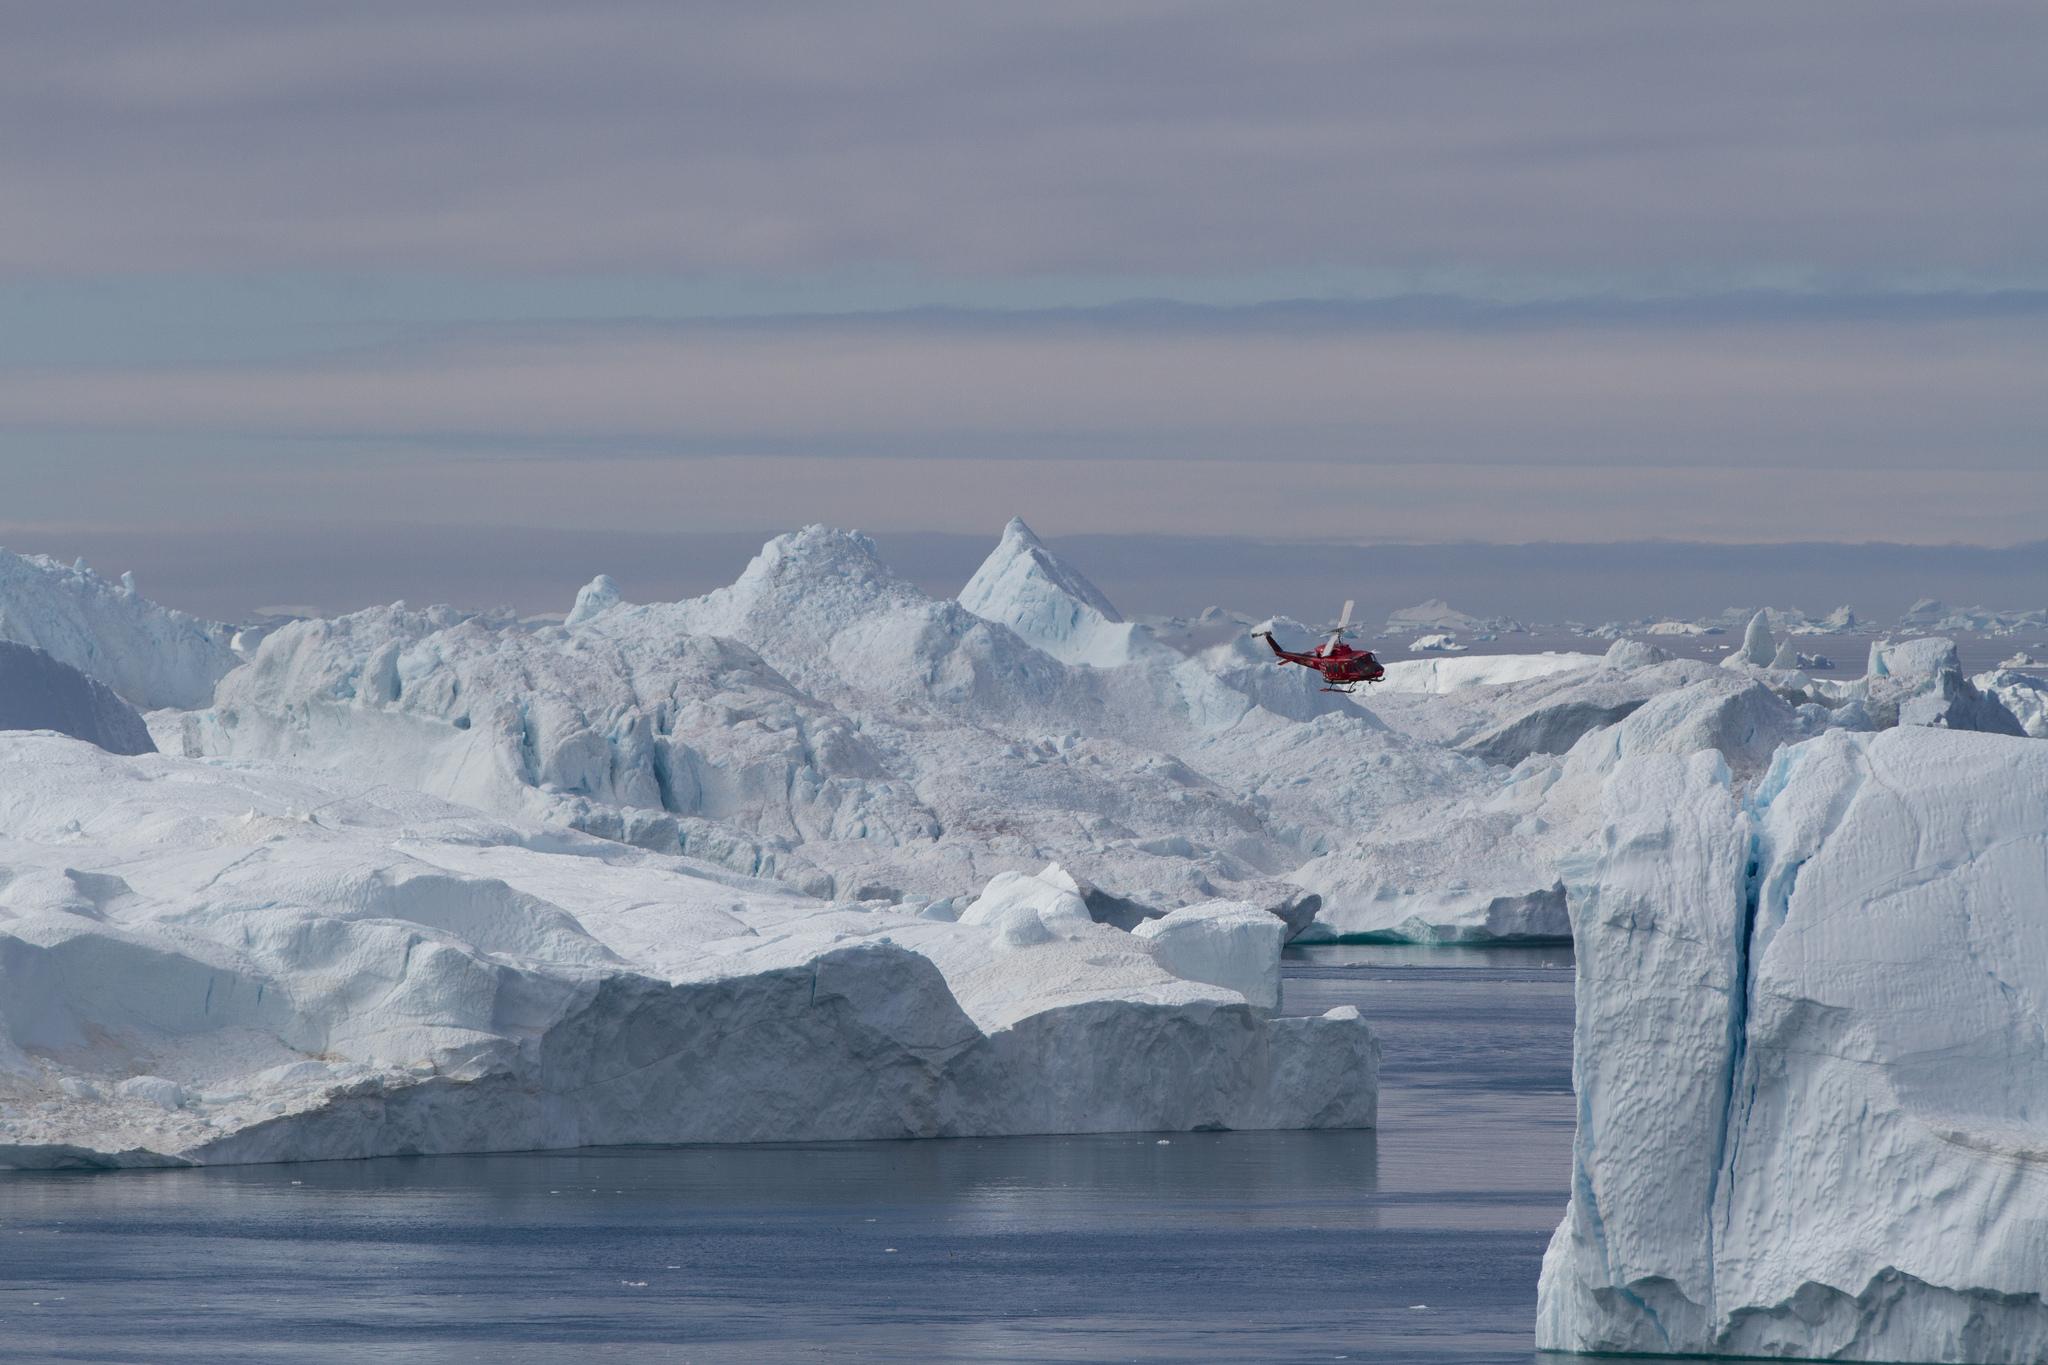 Ilullisat fjord, Kate Bum